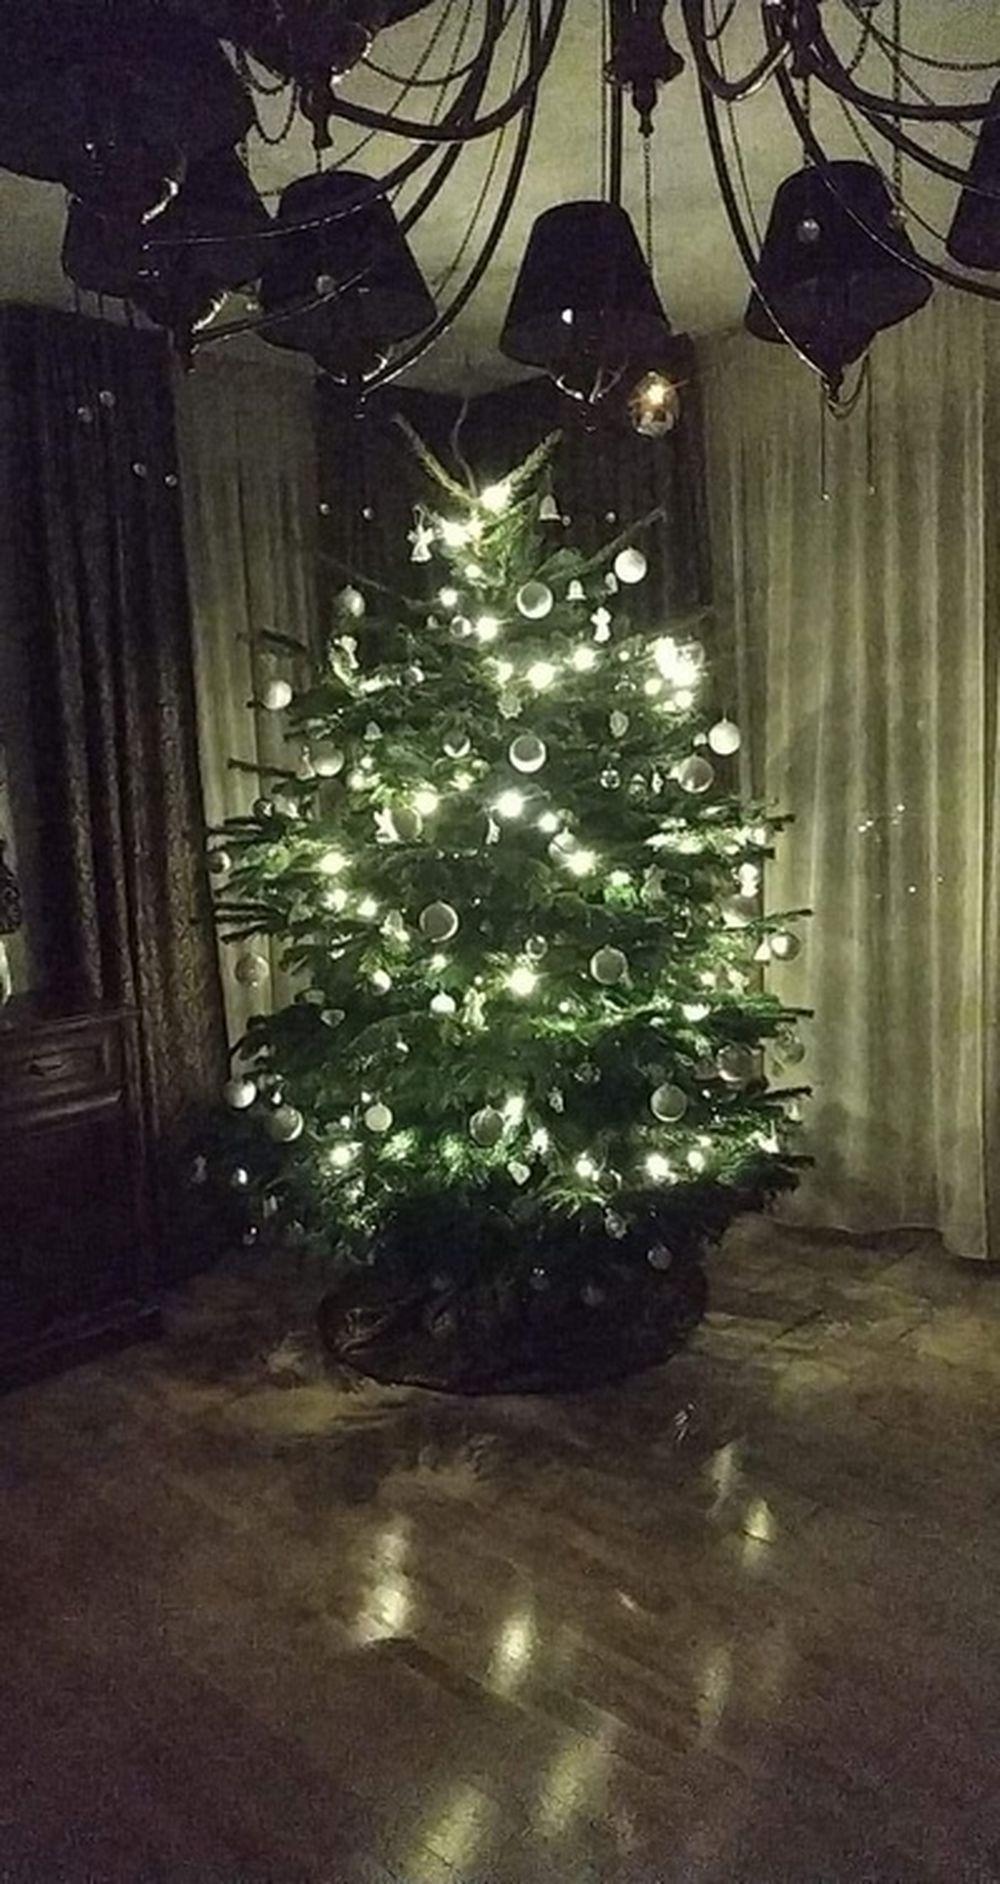 FOTO: Vianočné stromčeky v Žiline - výber fotografií našich čitateľov, foto 10